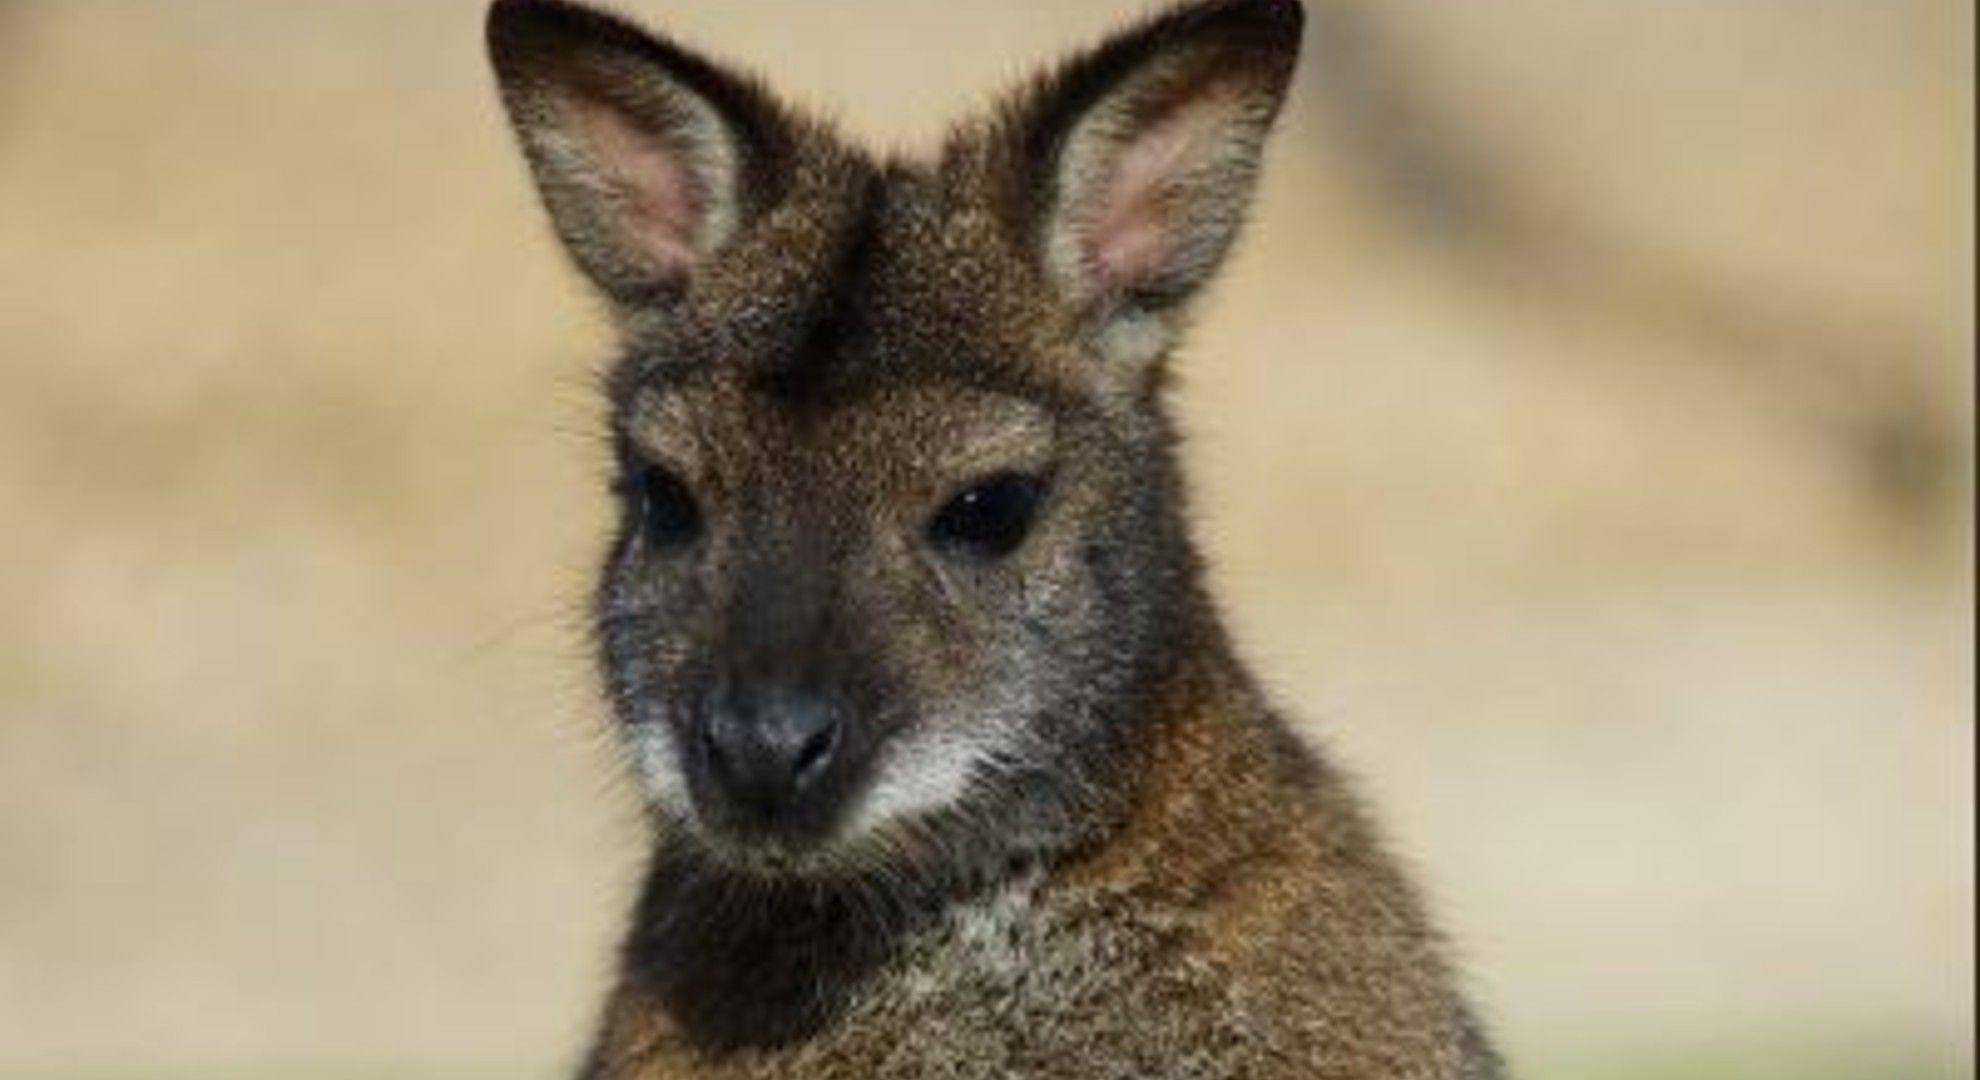 Meglépett két Benett-kenguru a Miskolci Állatkertből.